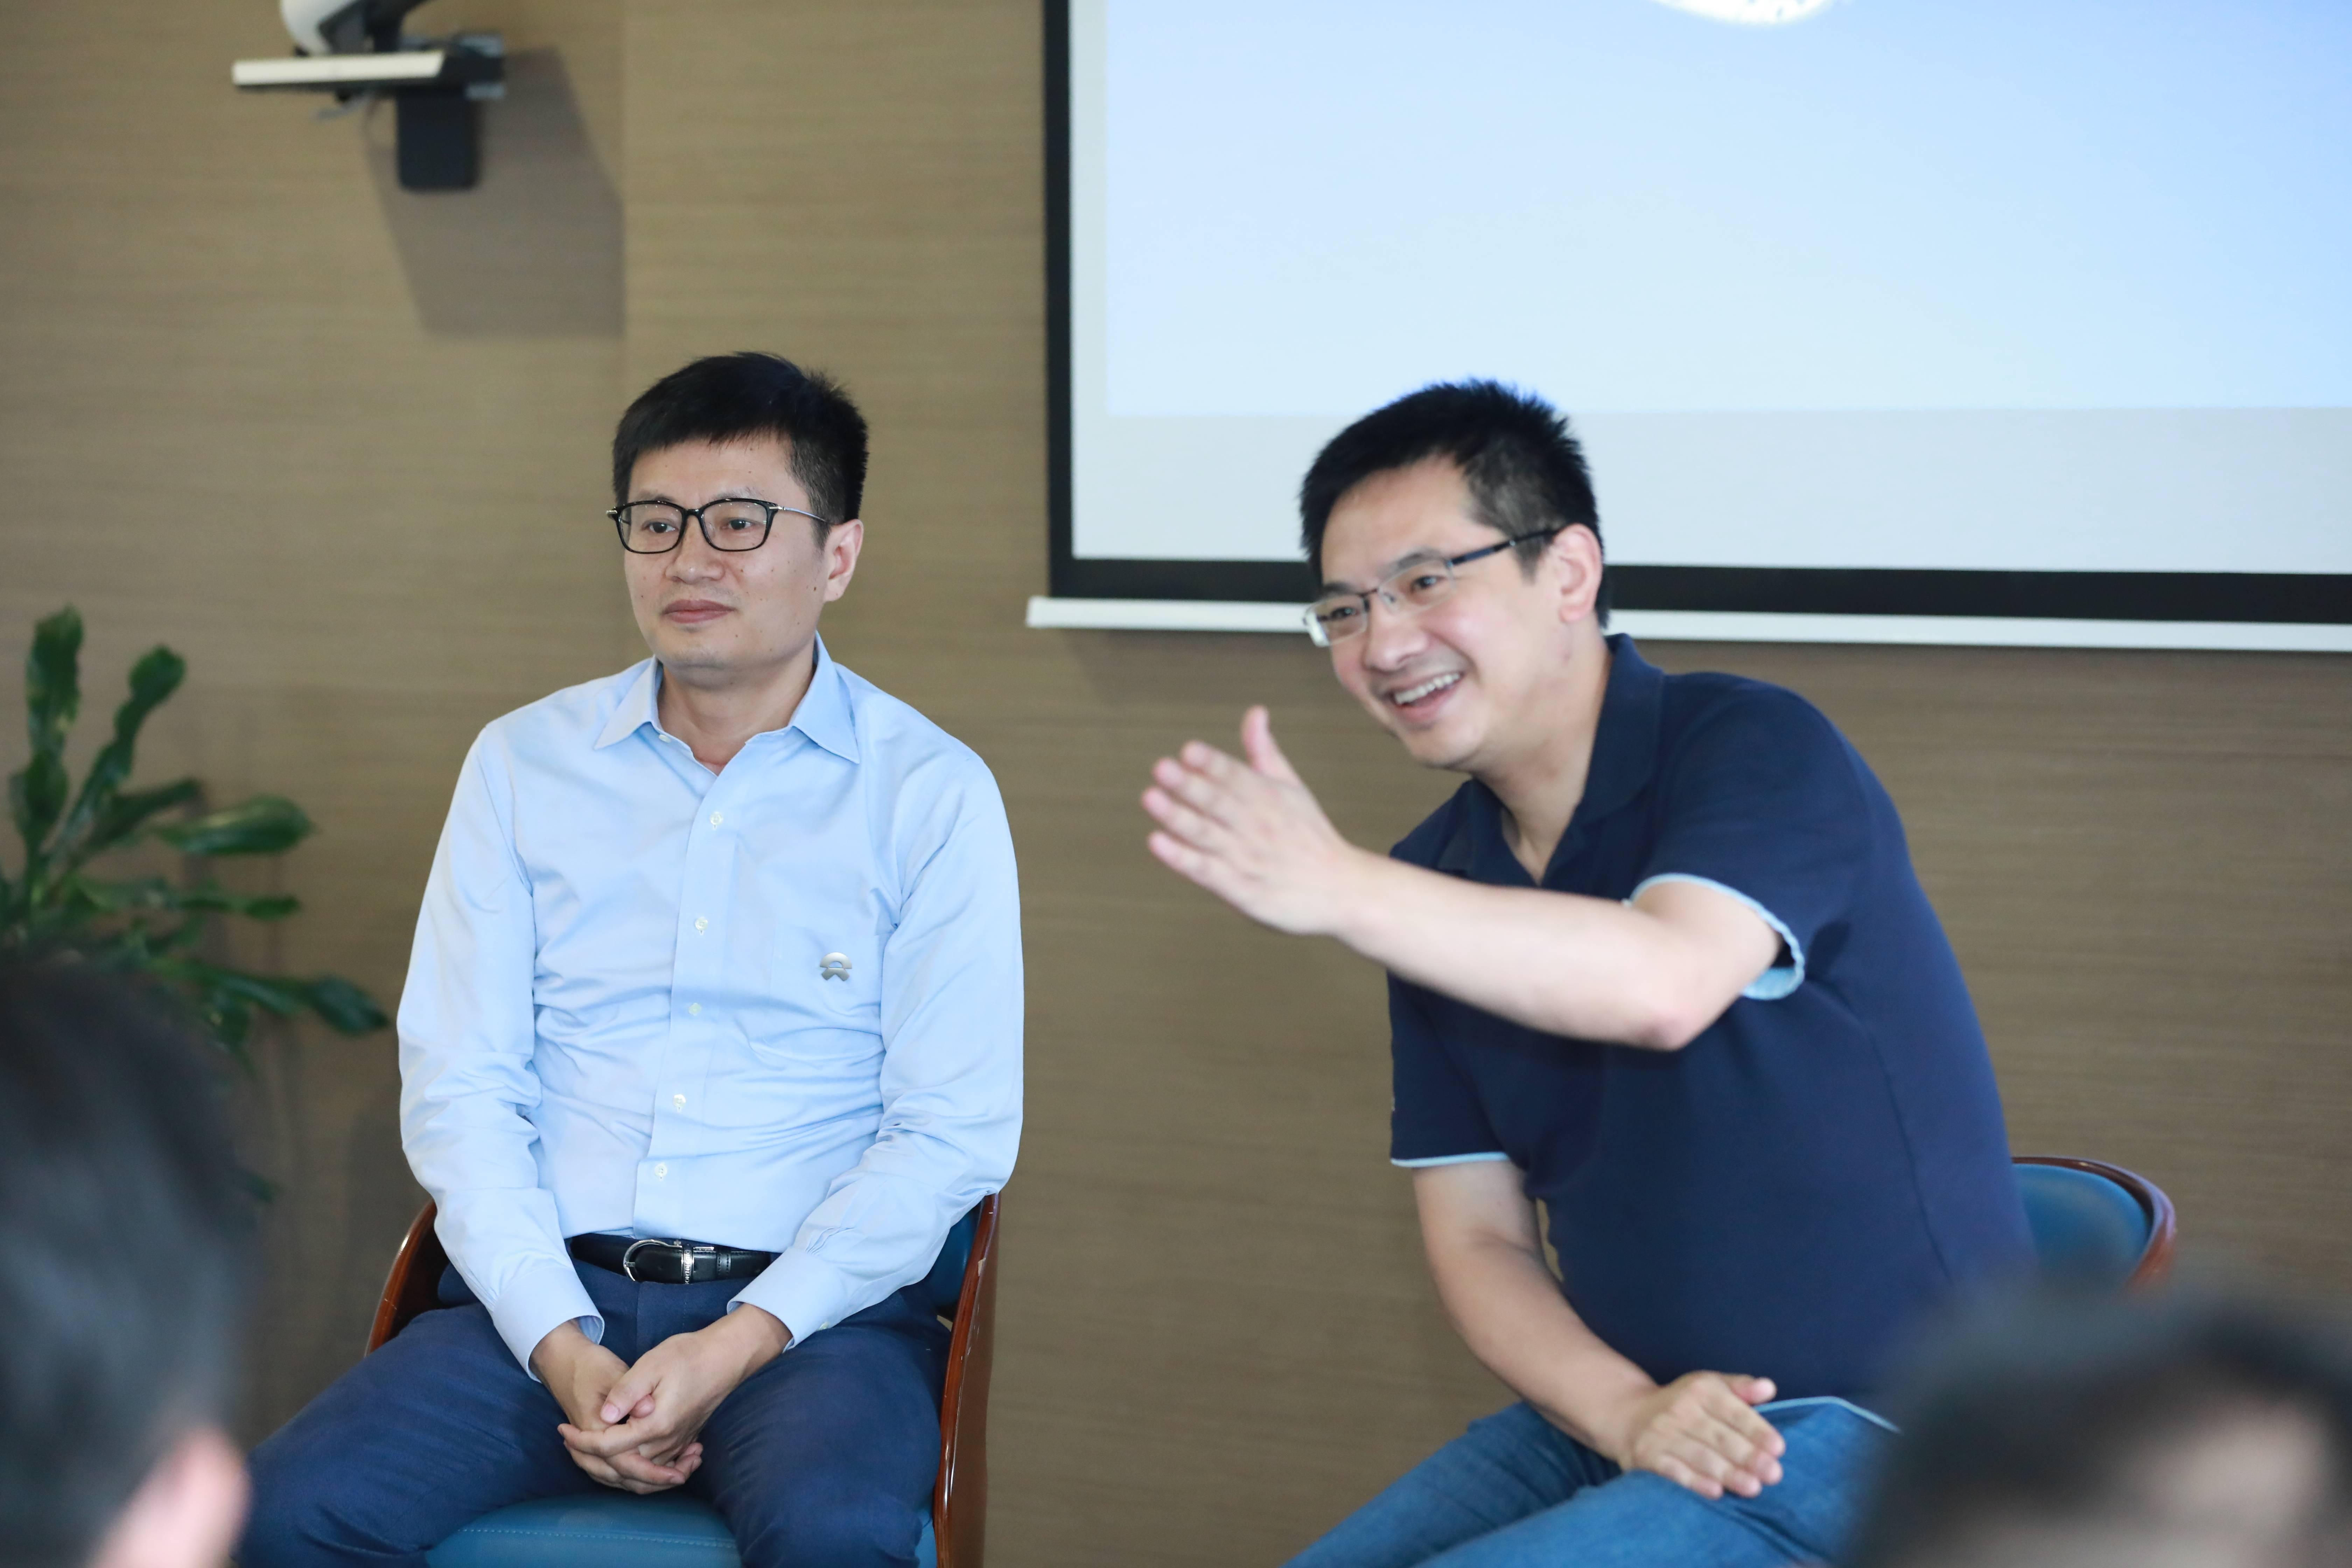 蔚来驱动科技CEO曾澍湘(左);蔚来联合创始人、总裁秦力洪(右)